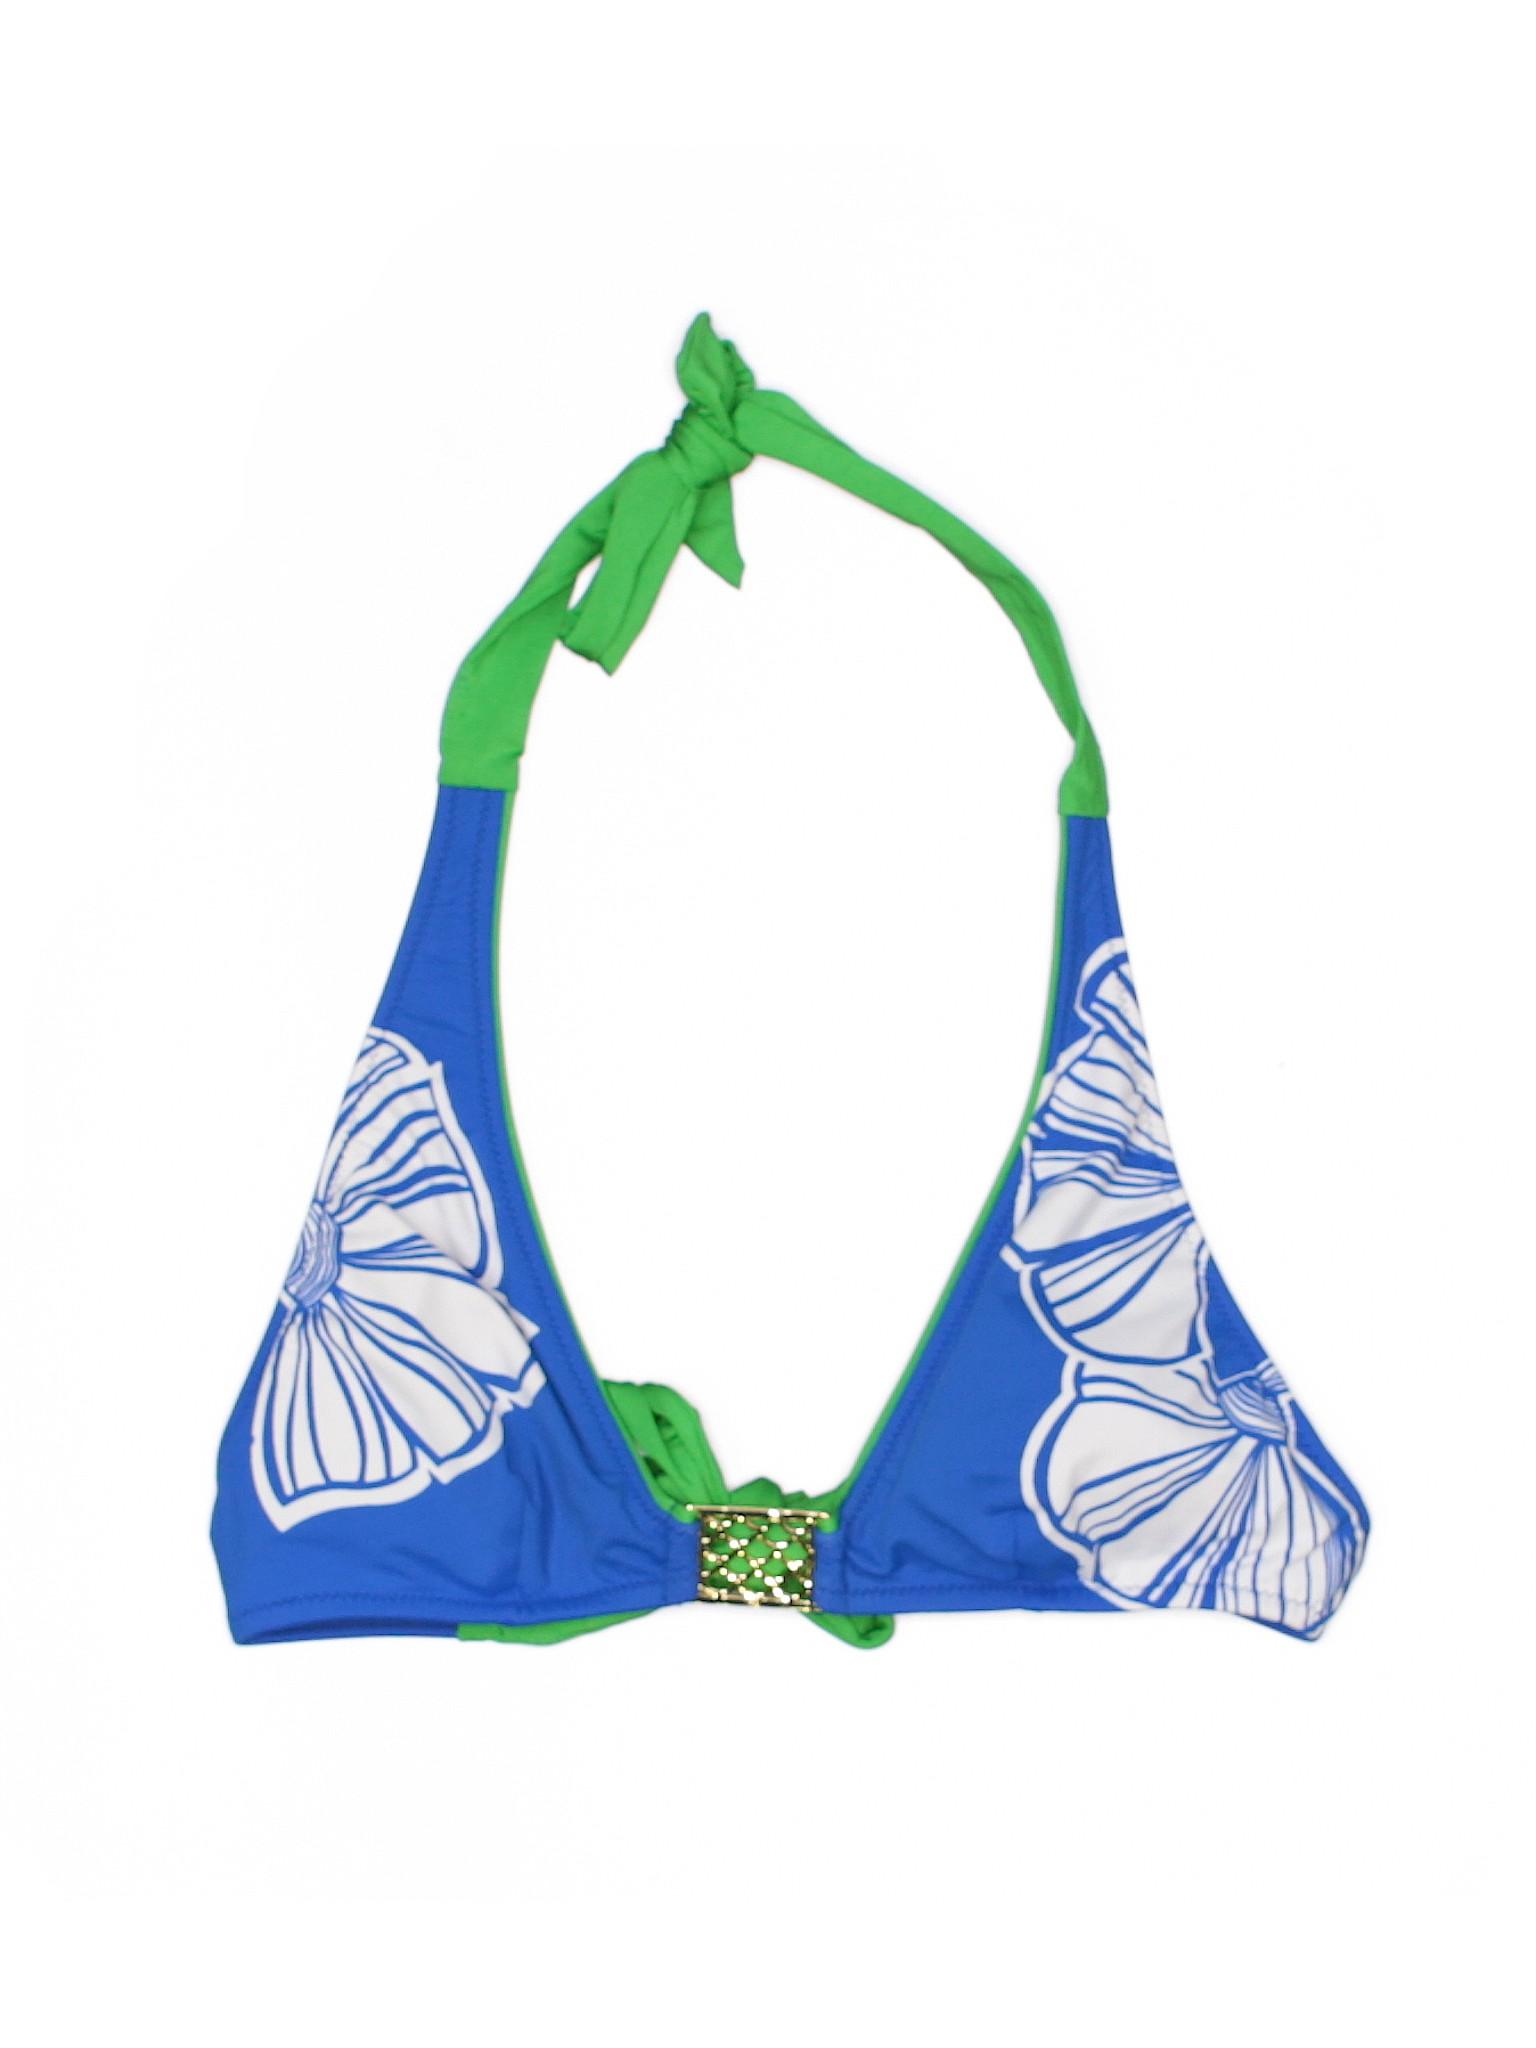 Boutique Boutique Boutique Trina Turk Swimsuit Trina Swimsuit Top Turk Trina Top wY6UqaFq